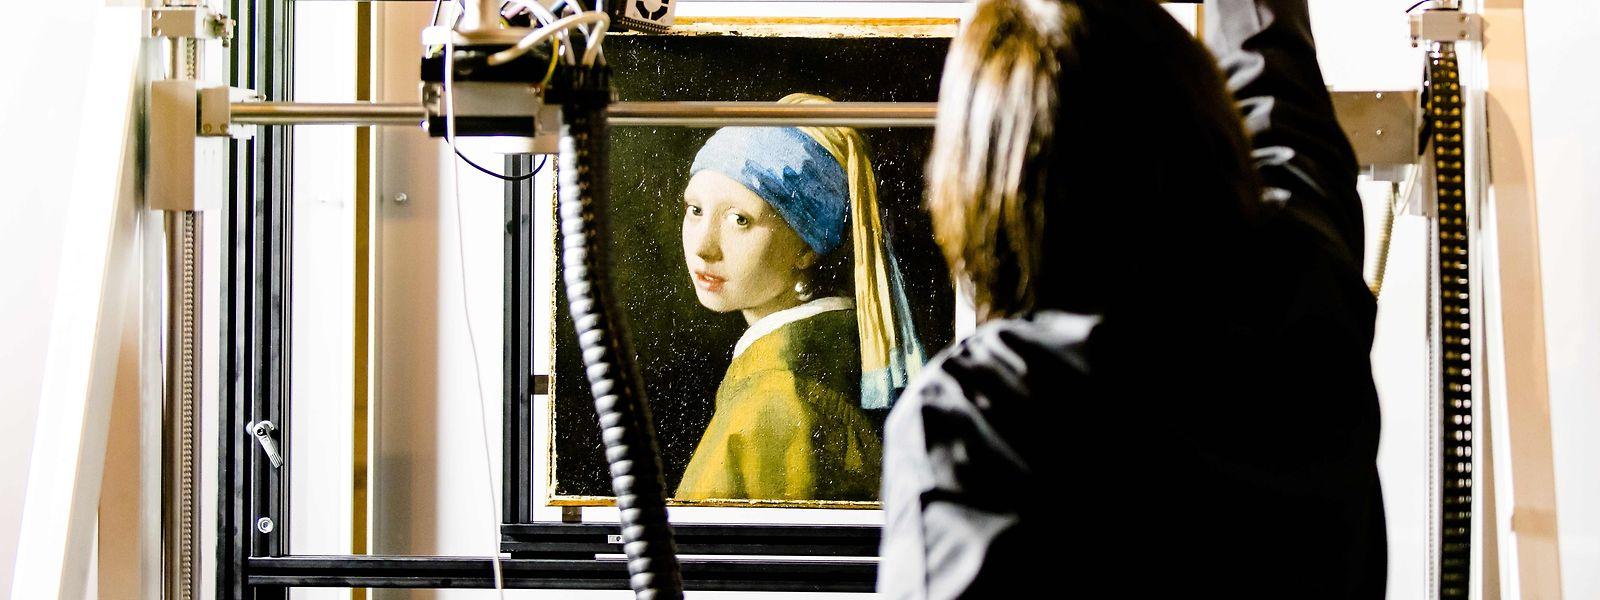 Das Gemälde wurde mit modernster Technik untersucht.